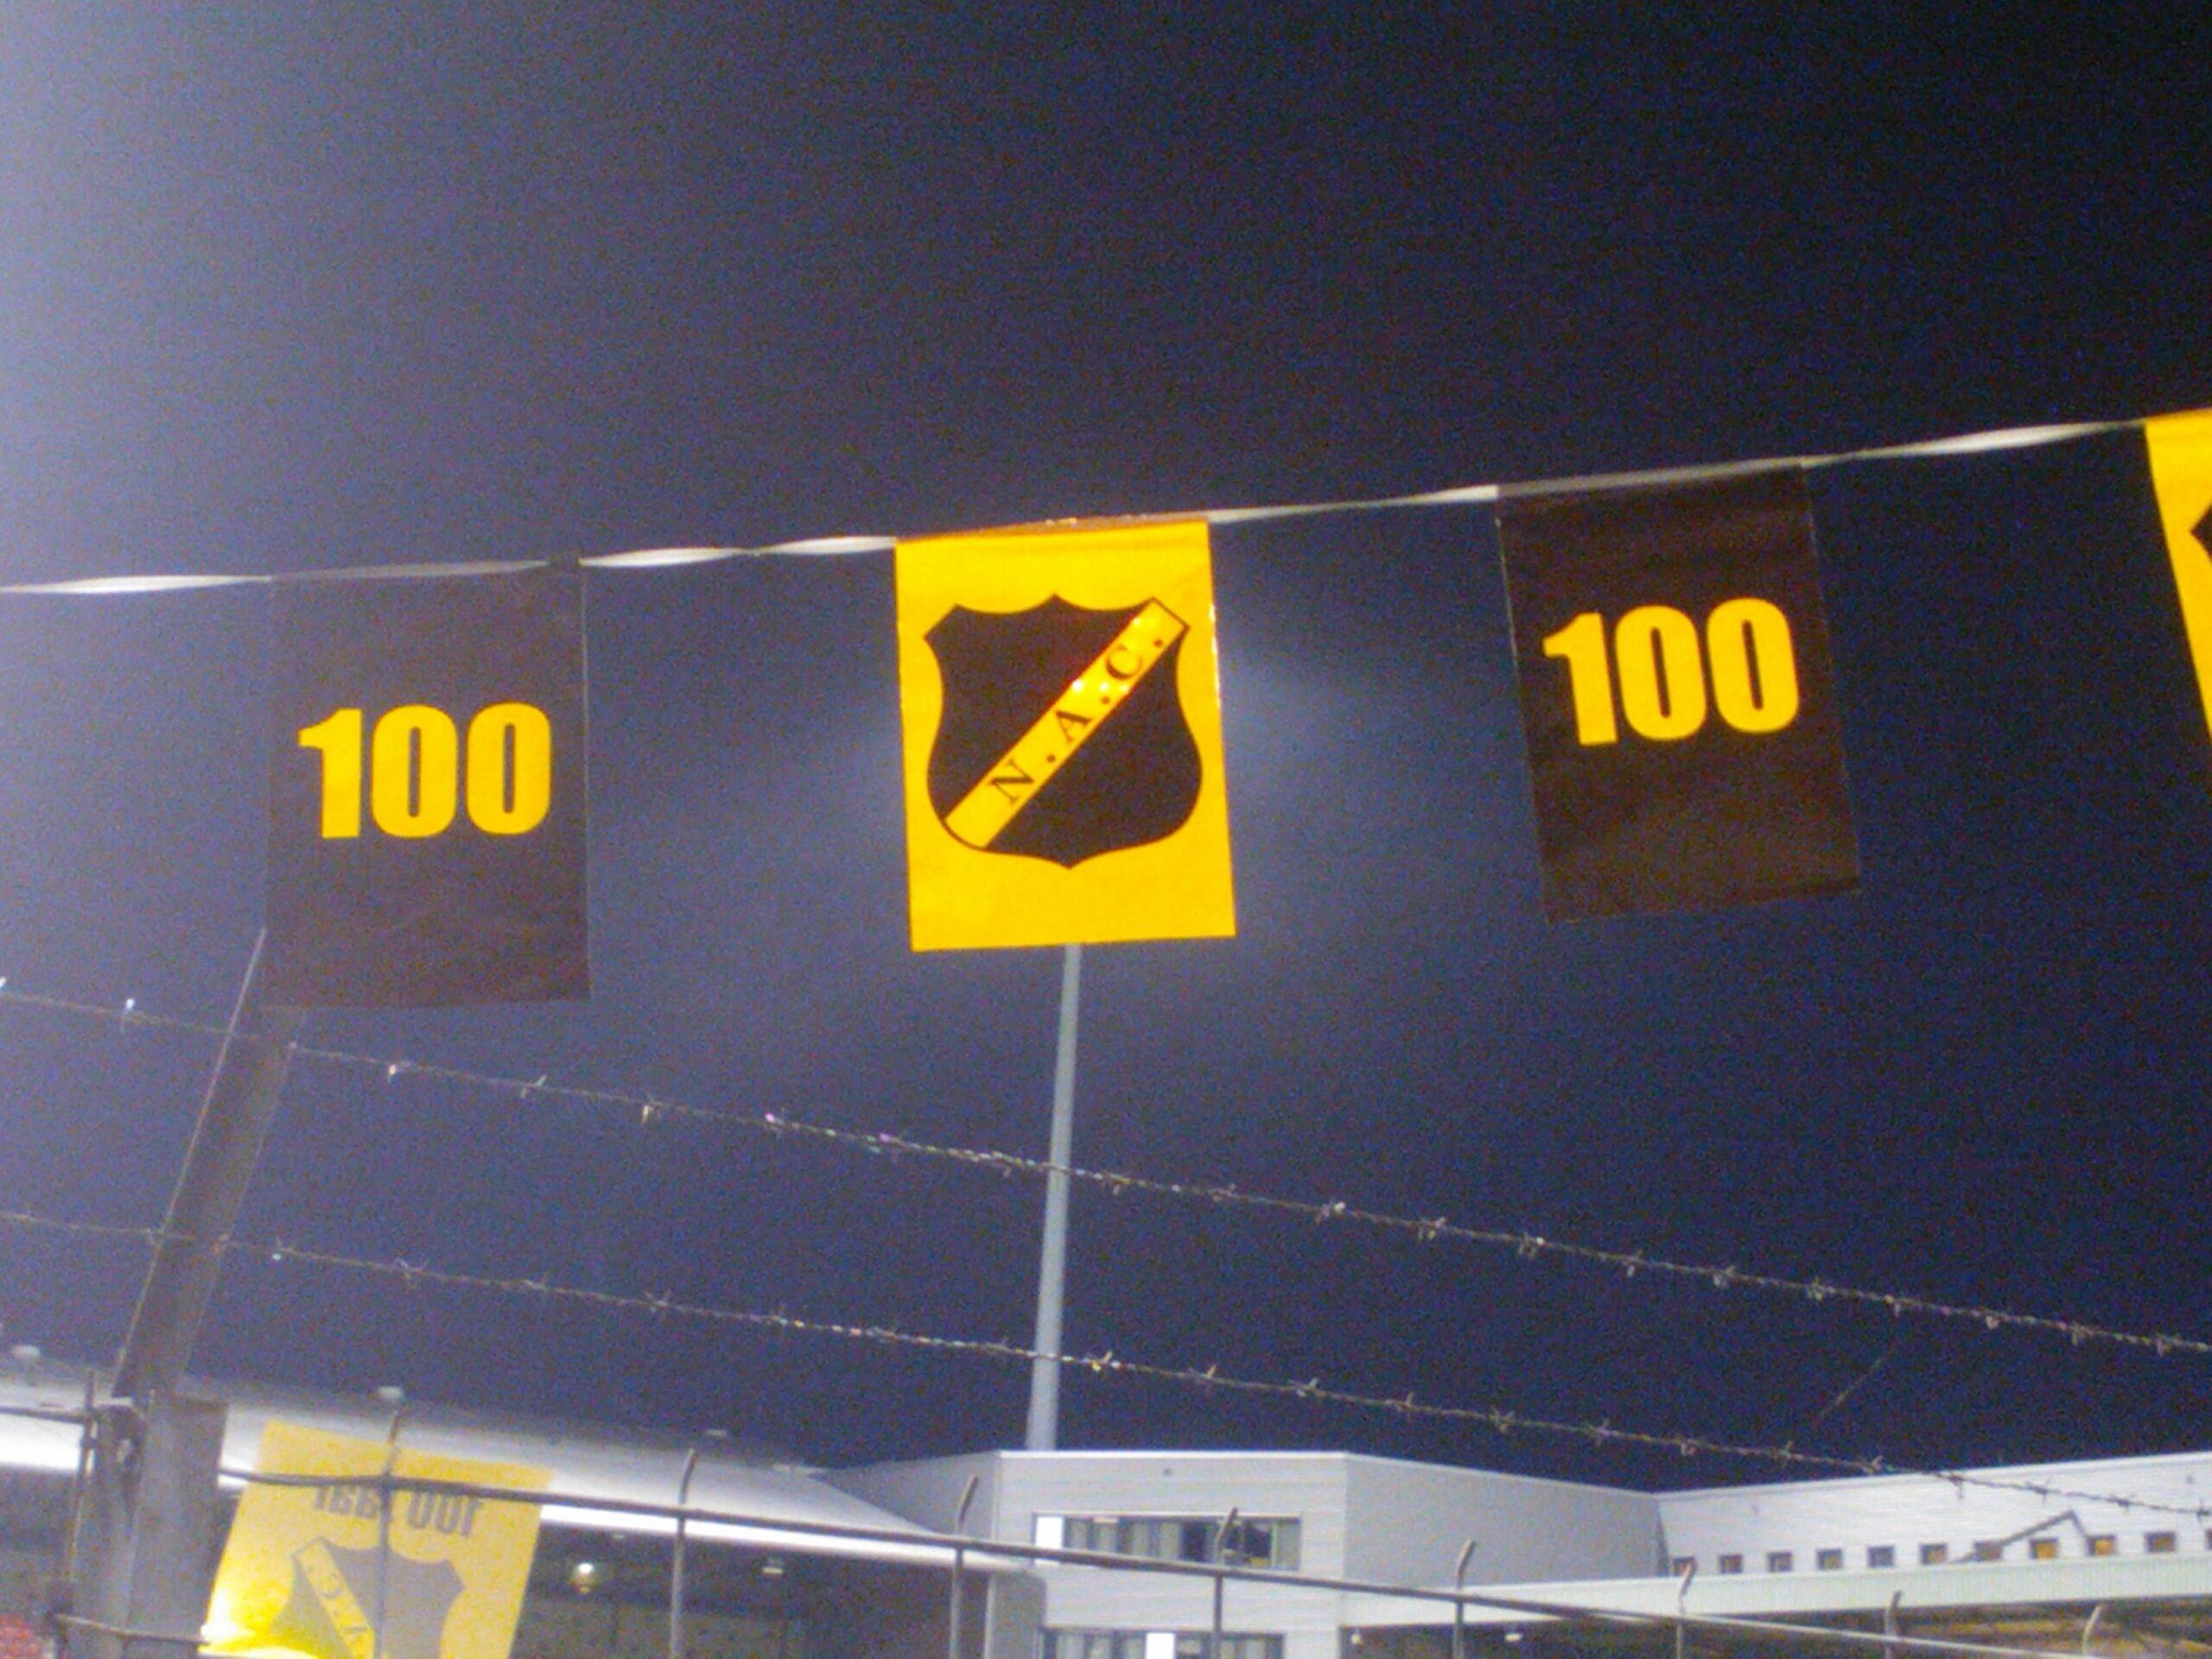 100 jaar NAC vlaggetjes uit bij MVV (2012)